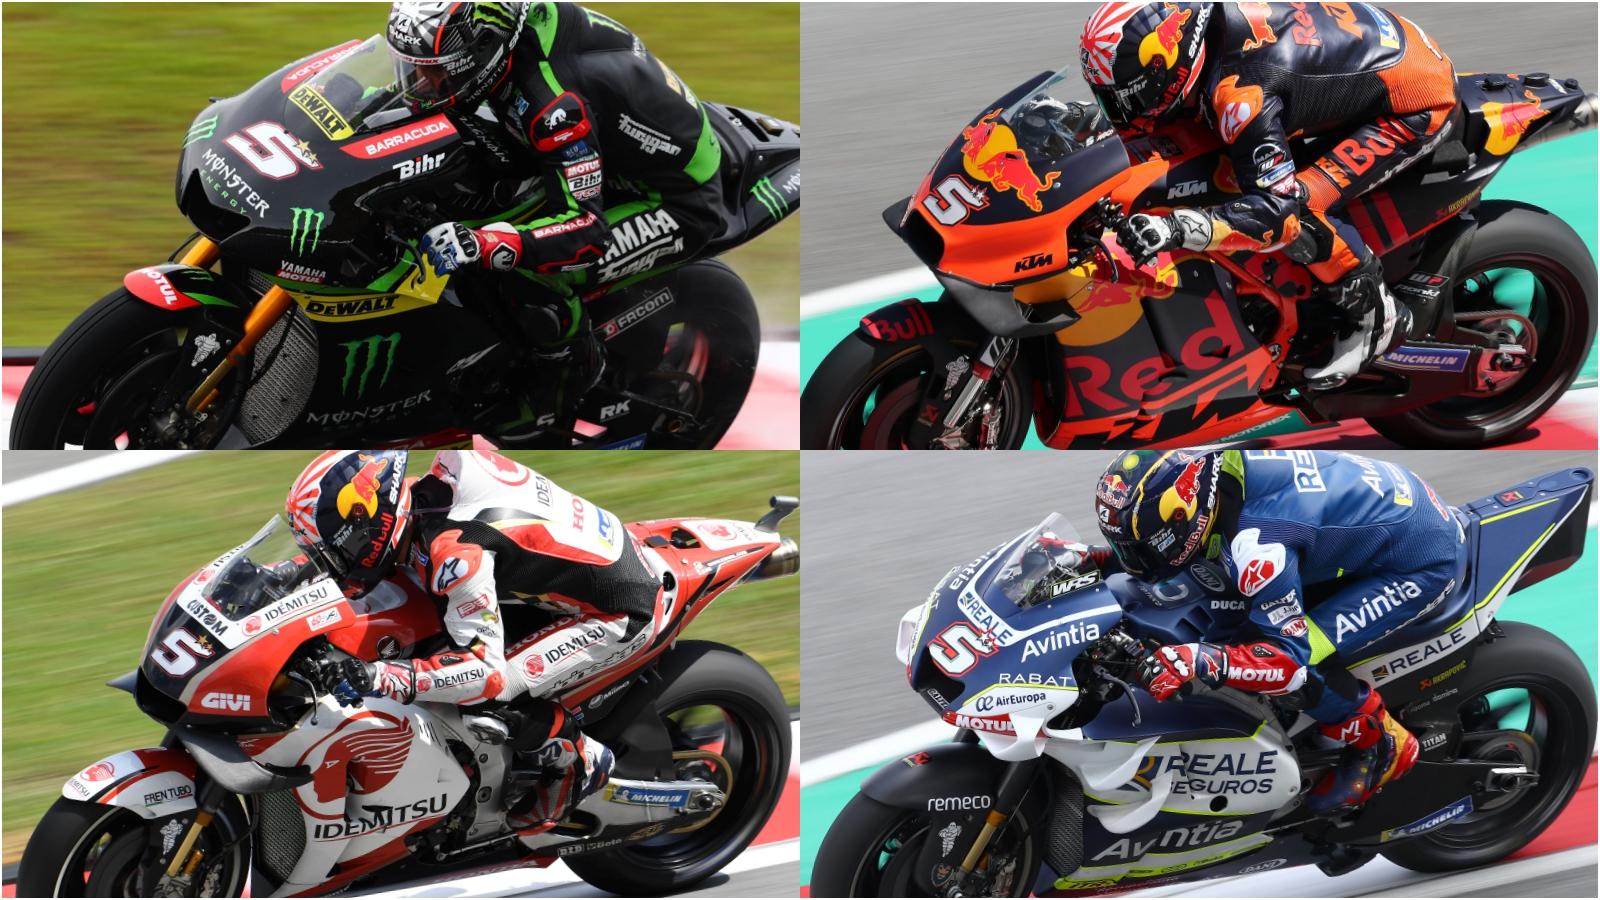 El tour de Johann Zarco por las MotoGP